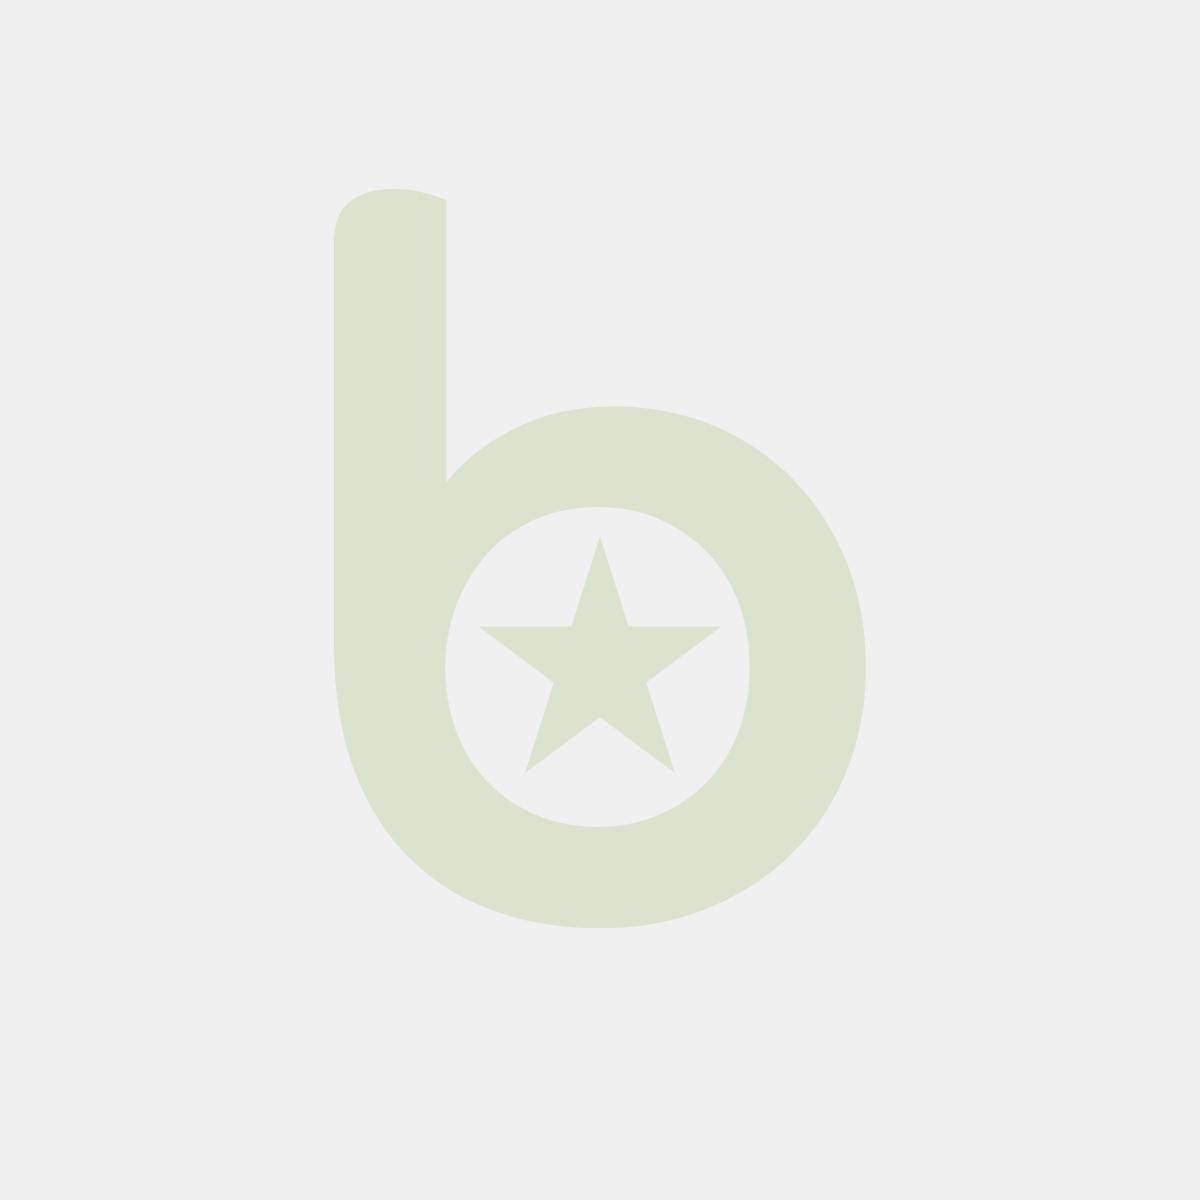 FINGERFOOD - rondel złoto/czerń 45ml okrągły PS fi.5x8,9xh.3,1cm, op. 24 sztuki